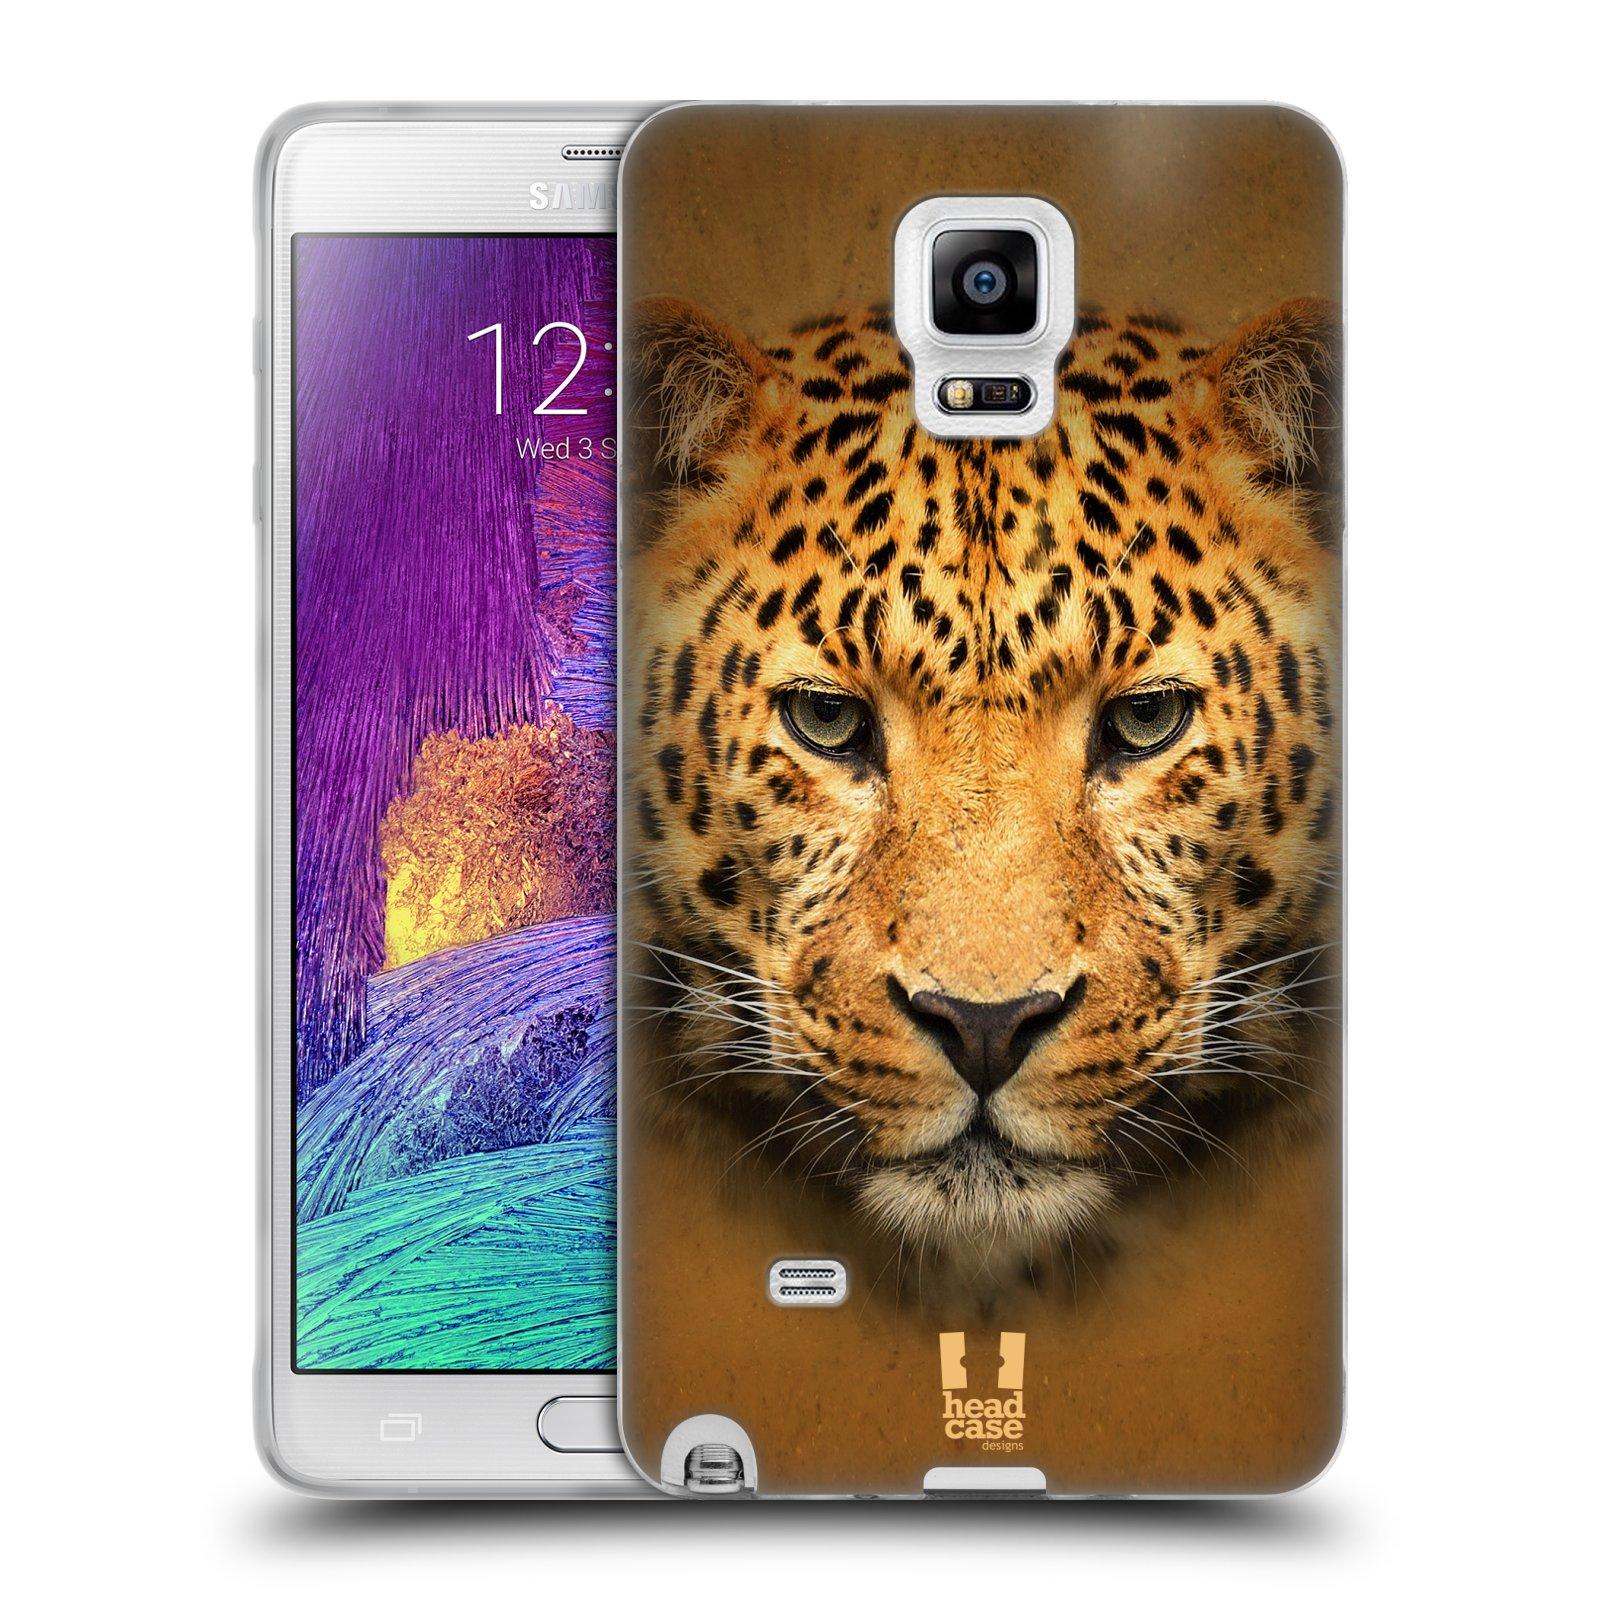 HEAD CASE silikonový obal na mobil Samsung Galaxy Note 4 (N910) vzor Zvířecí tváře 2 leopard